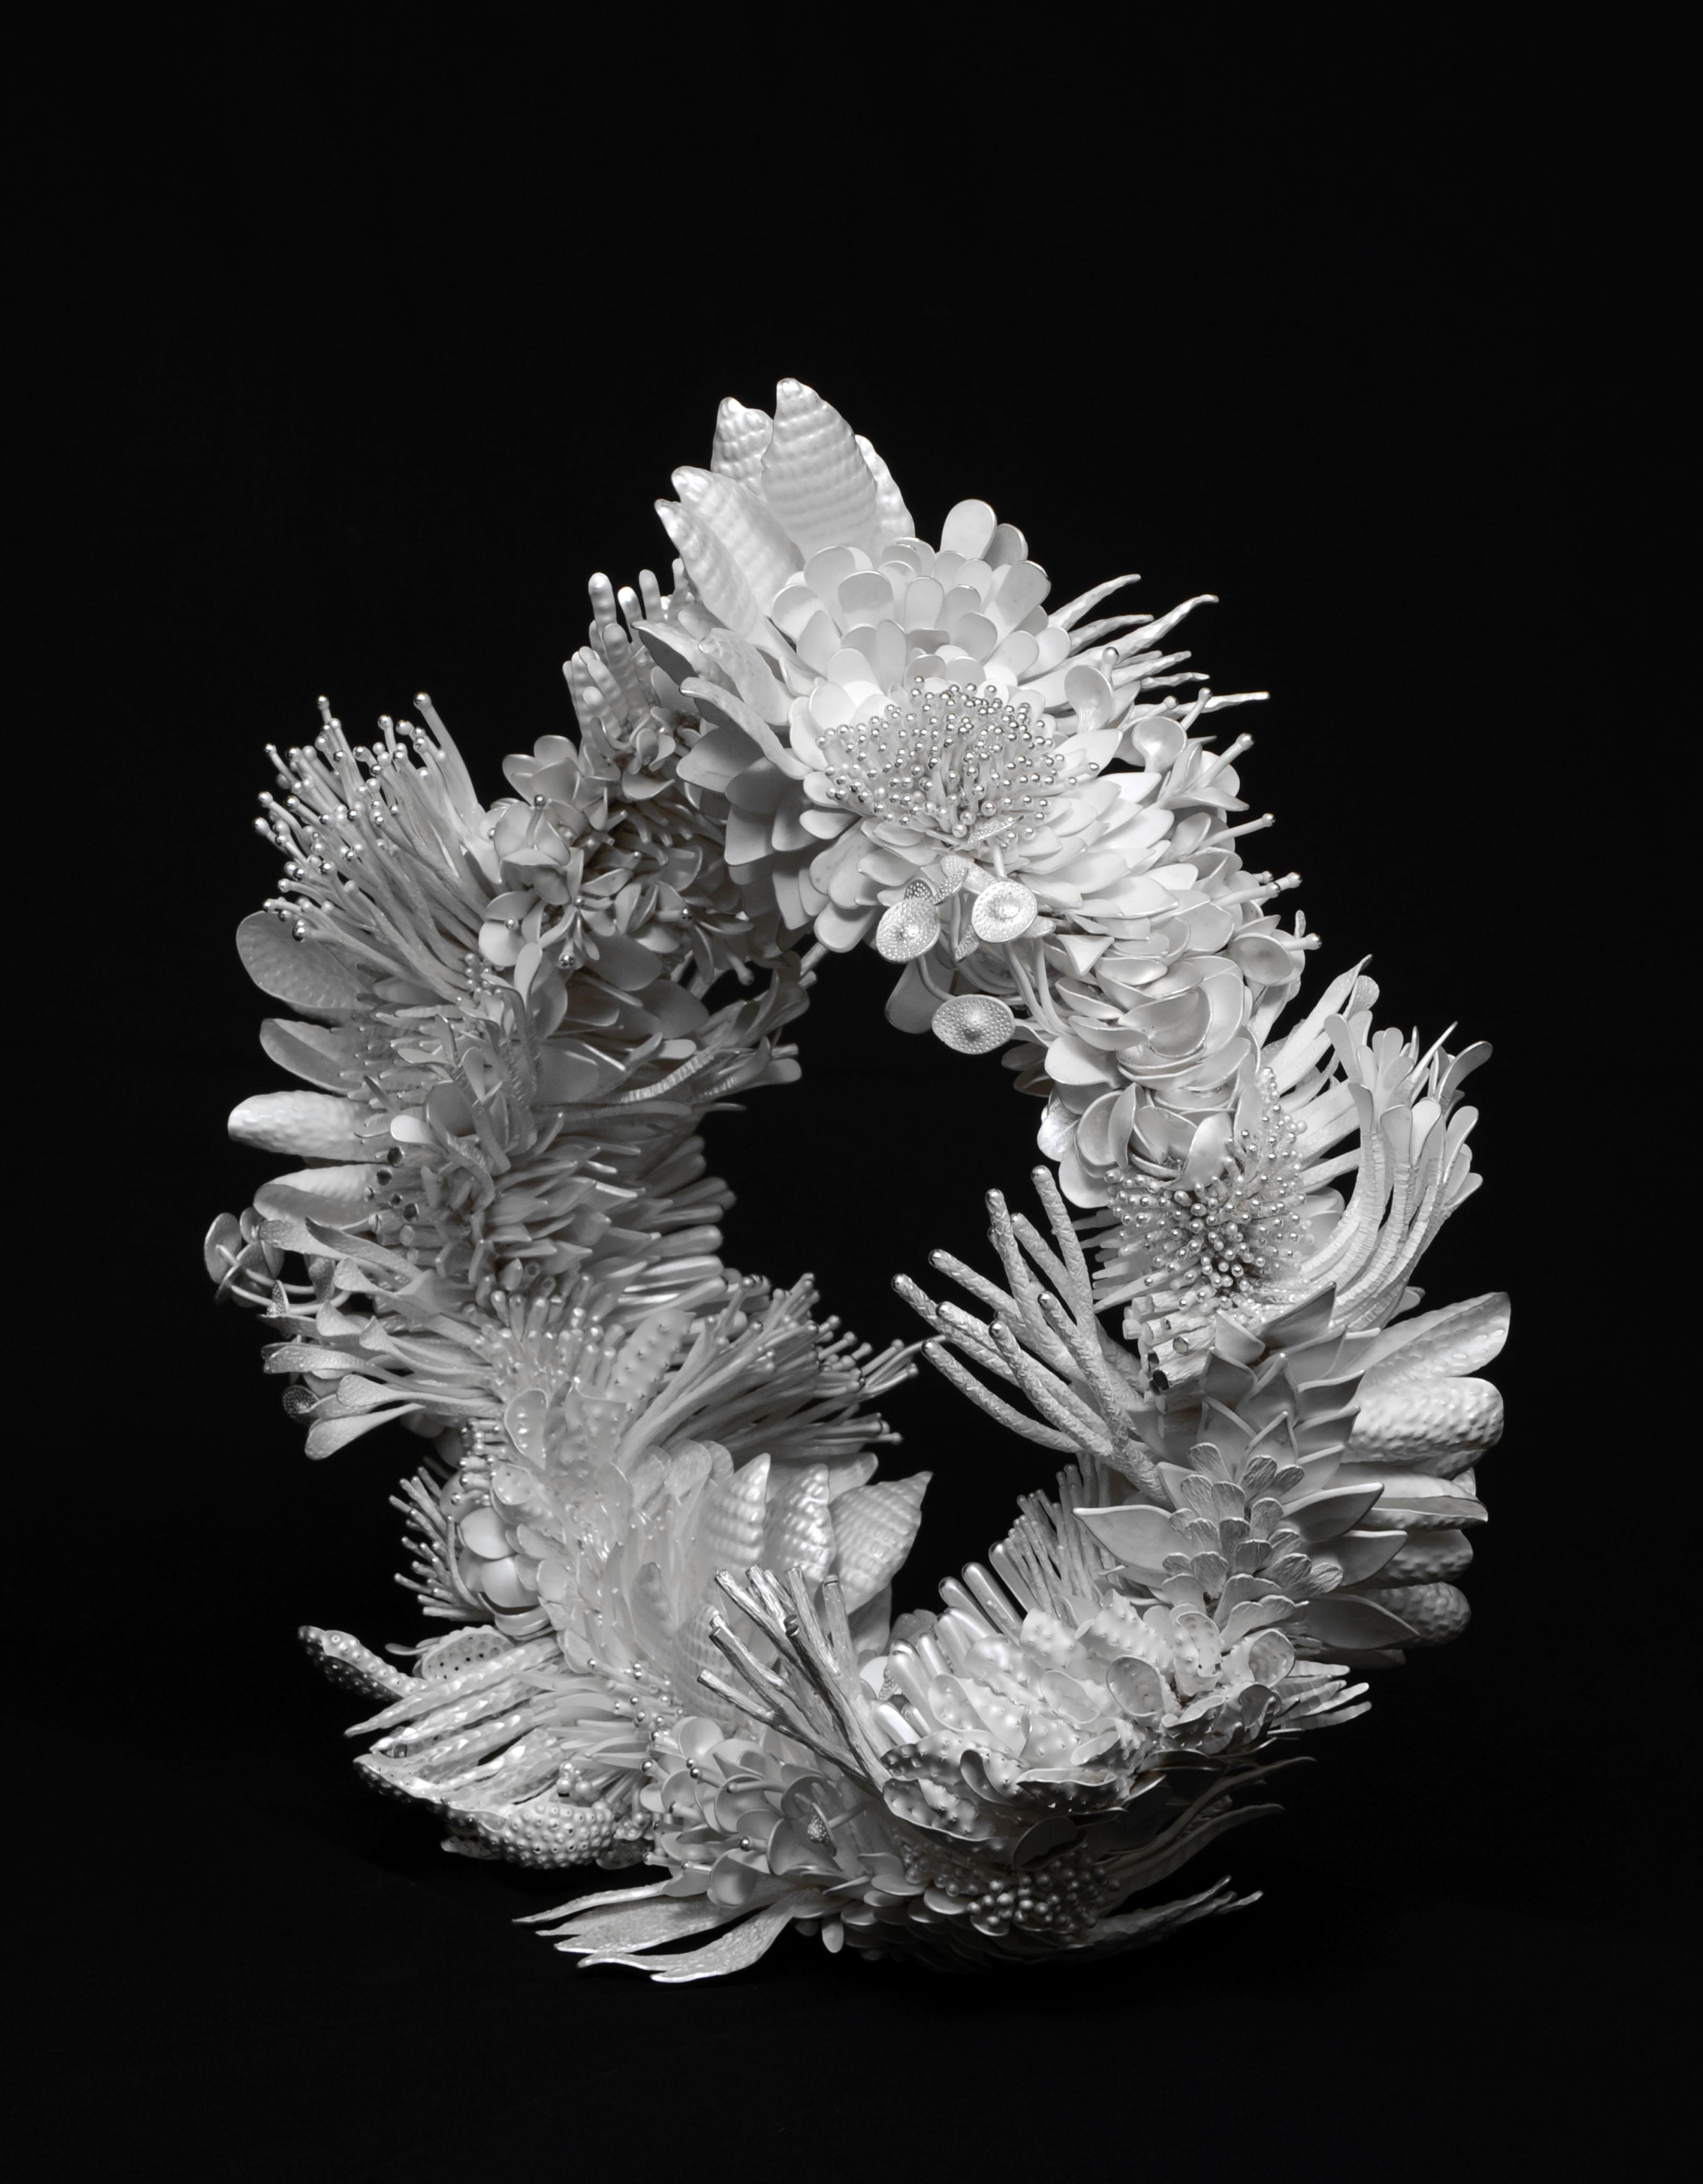 Silver wreath sculpture by Junko Mori